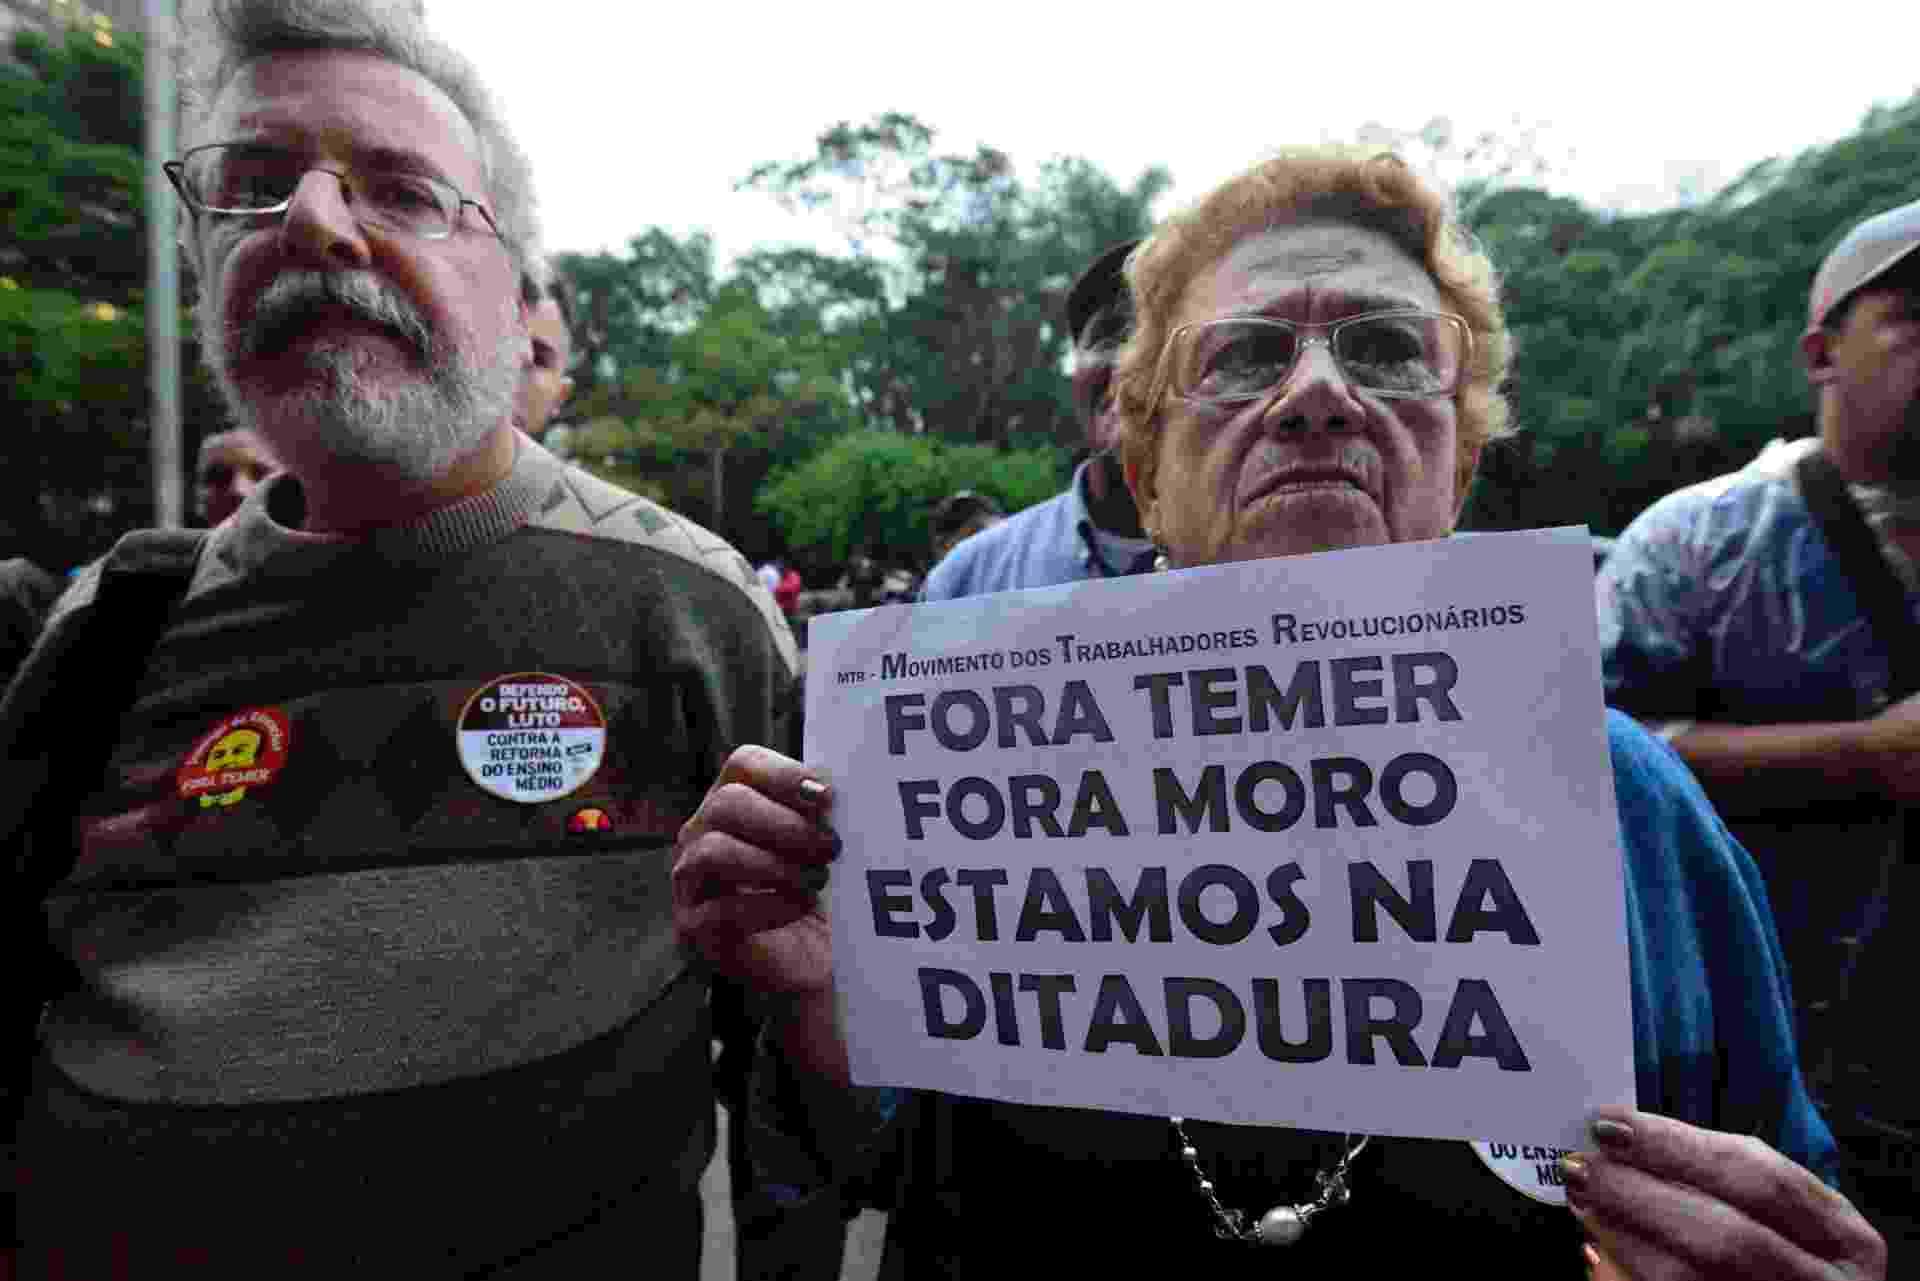 anifestantes reúnem-se no vão livre do Museu de Arte de São Paulo (Masp), na Avenida Paulista, em São Paulo, para protestar contra a PEC 241 - Cris Faga/FoxPressPhoto/Estadão Conteúdo